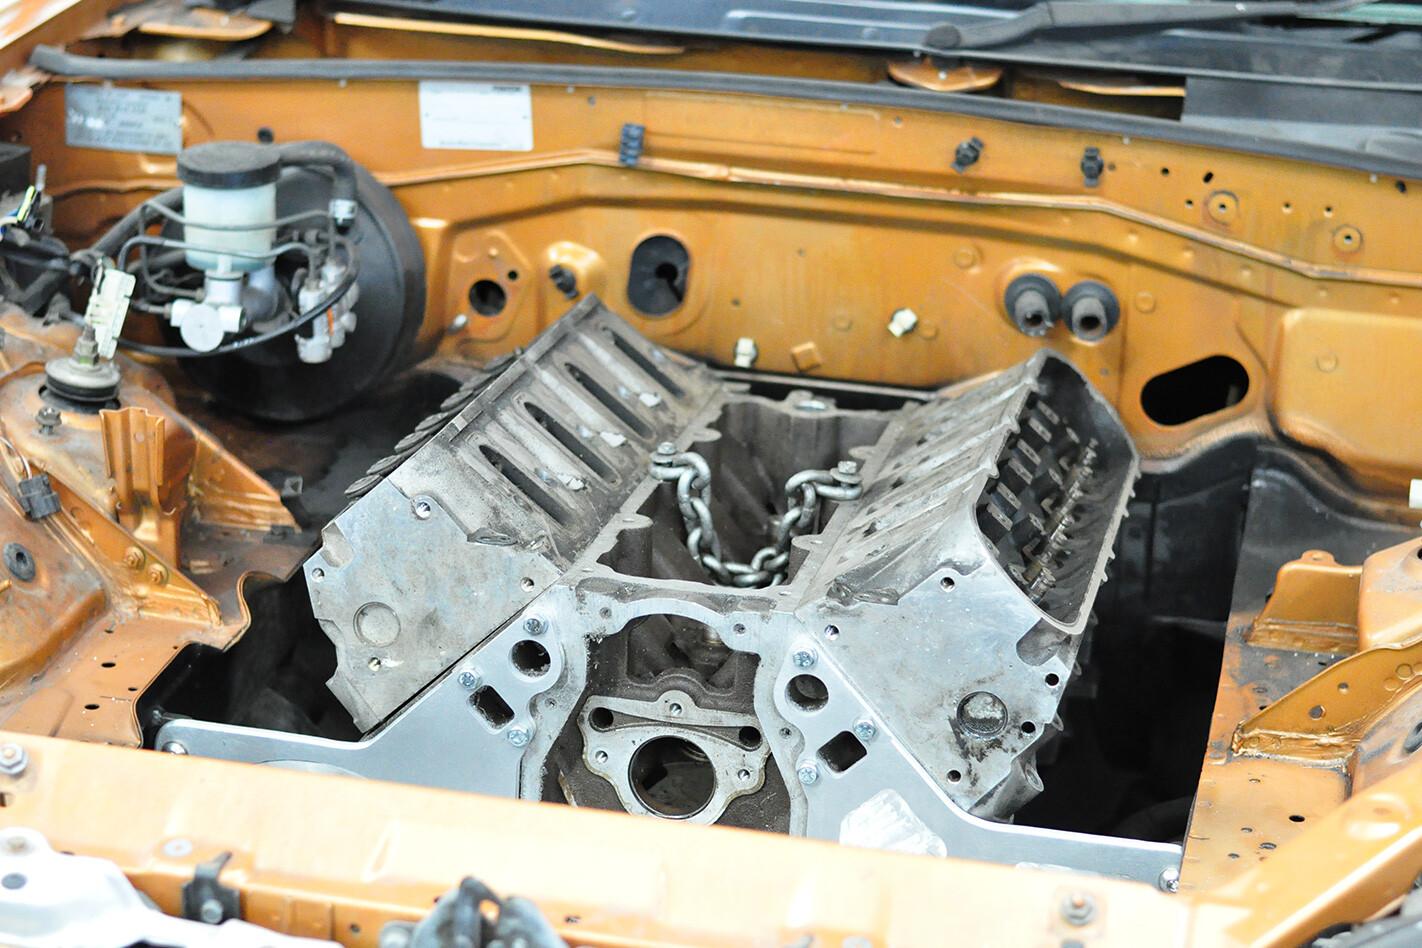 TWIN TURBO LS1 POWERED MAZDA MX5